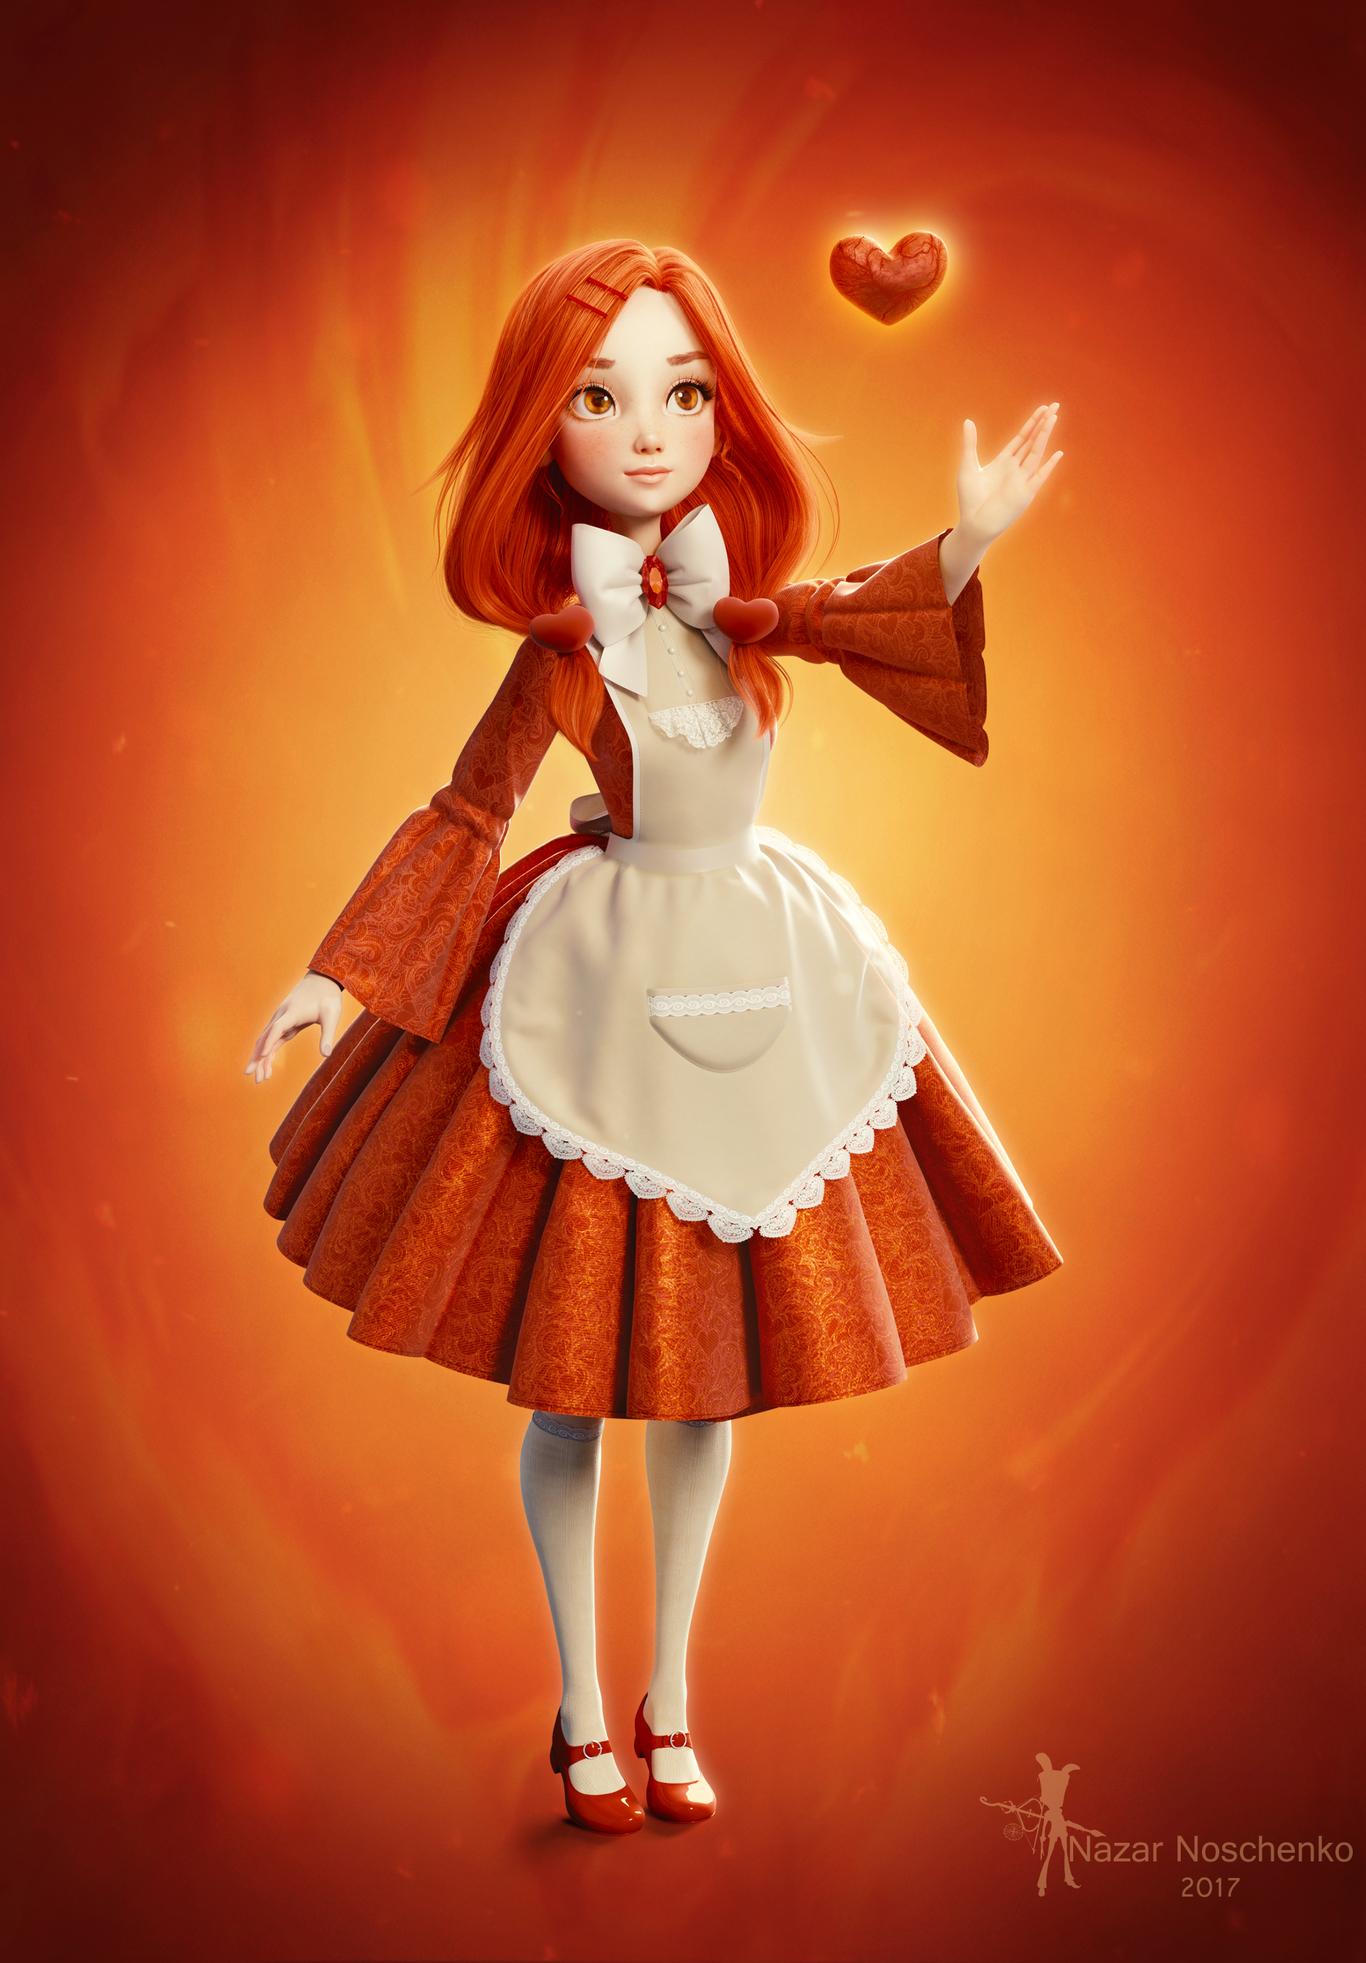 Tangens redhead 1 0274d428 vjj8